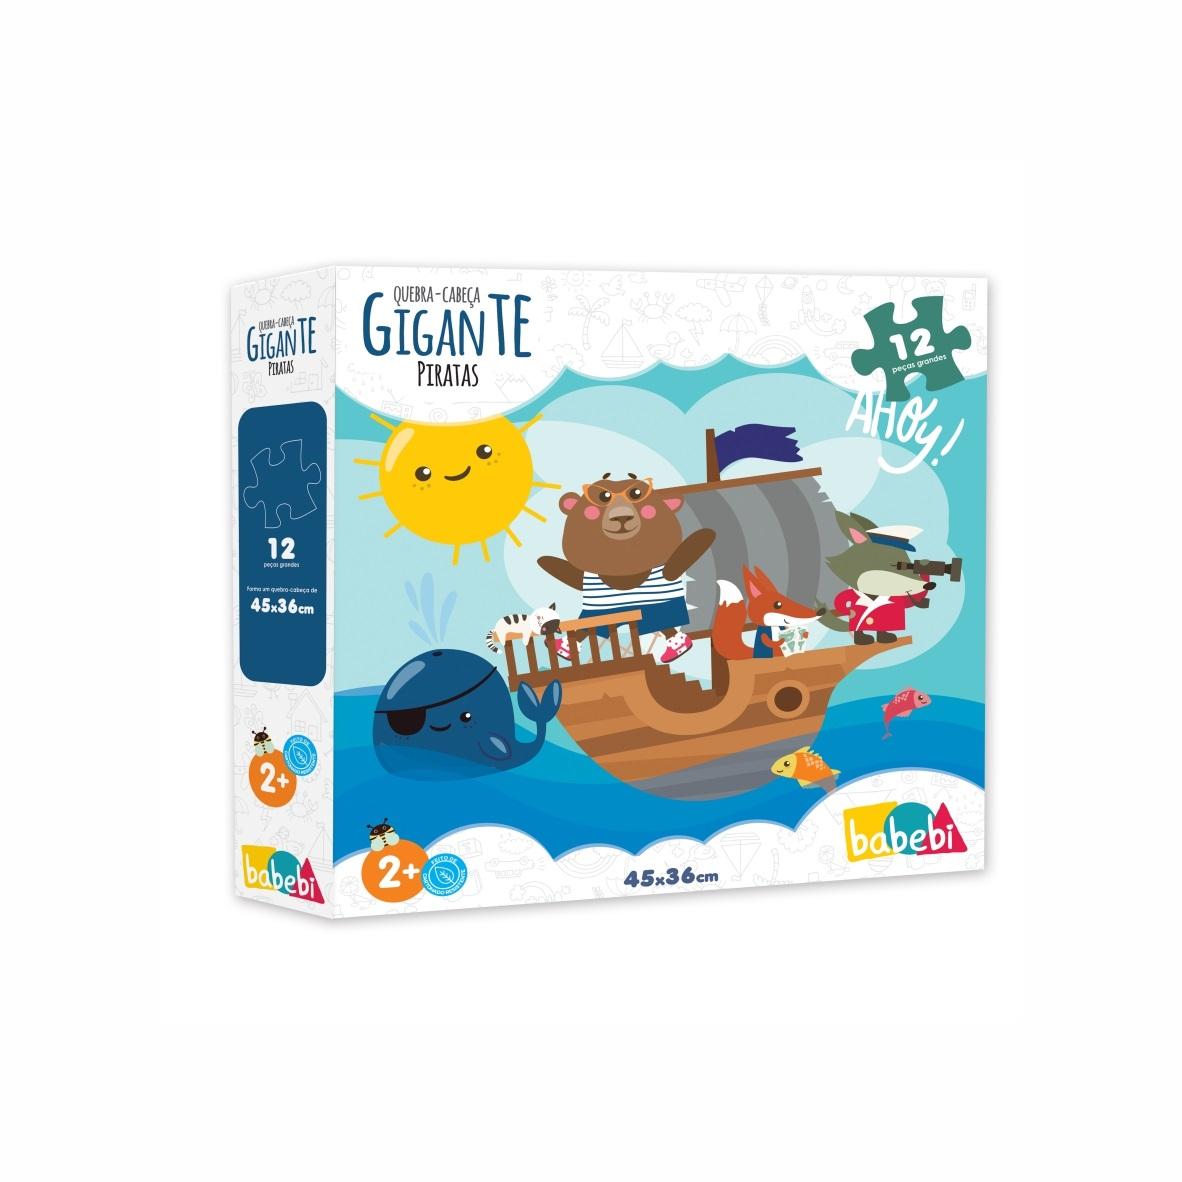 Brinquedo Educativo Quebra Cabeça Gigante Piratas